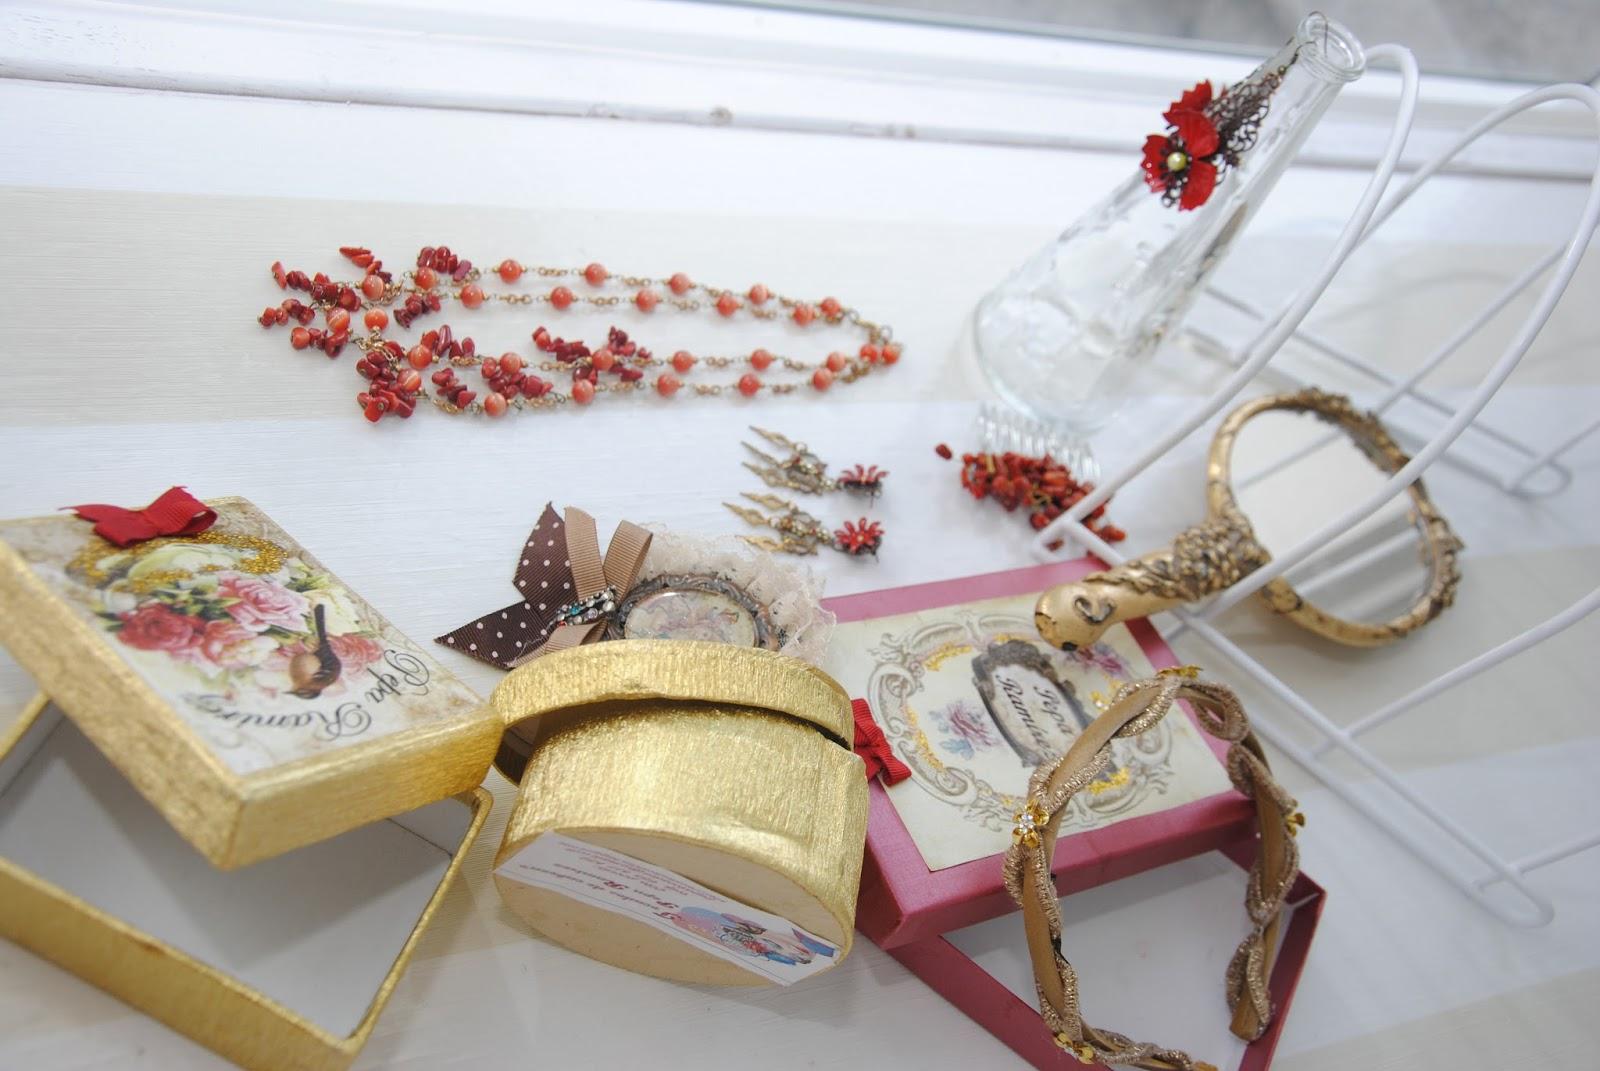 Tocados de cabeza pepa ramirez regalos originales - Envoltorios regalos originales ...